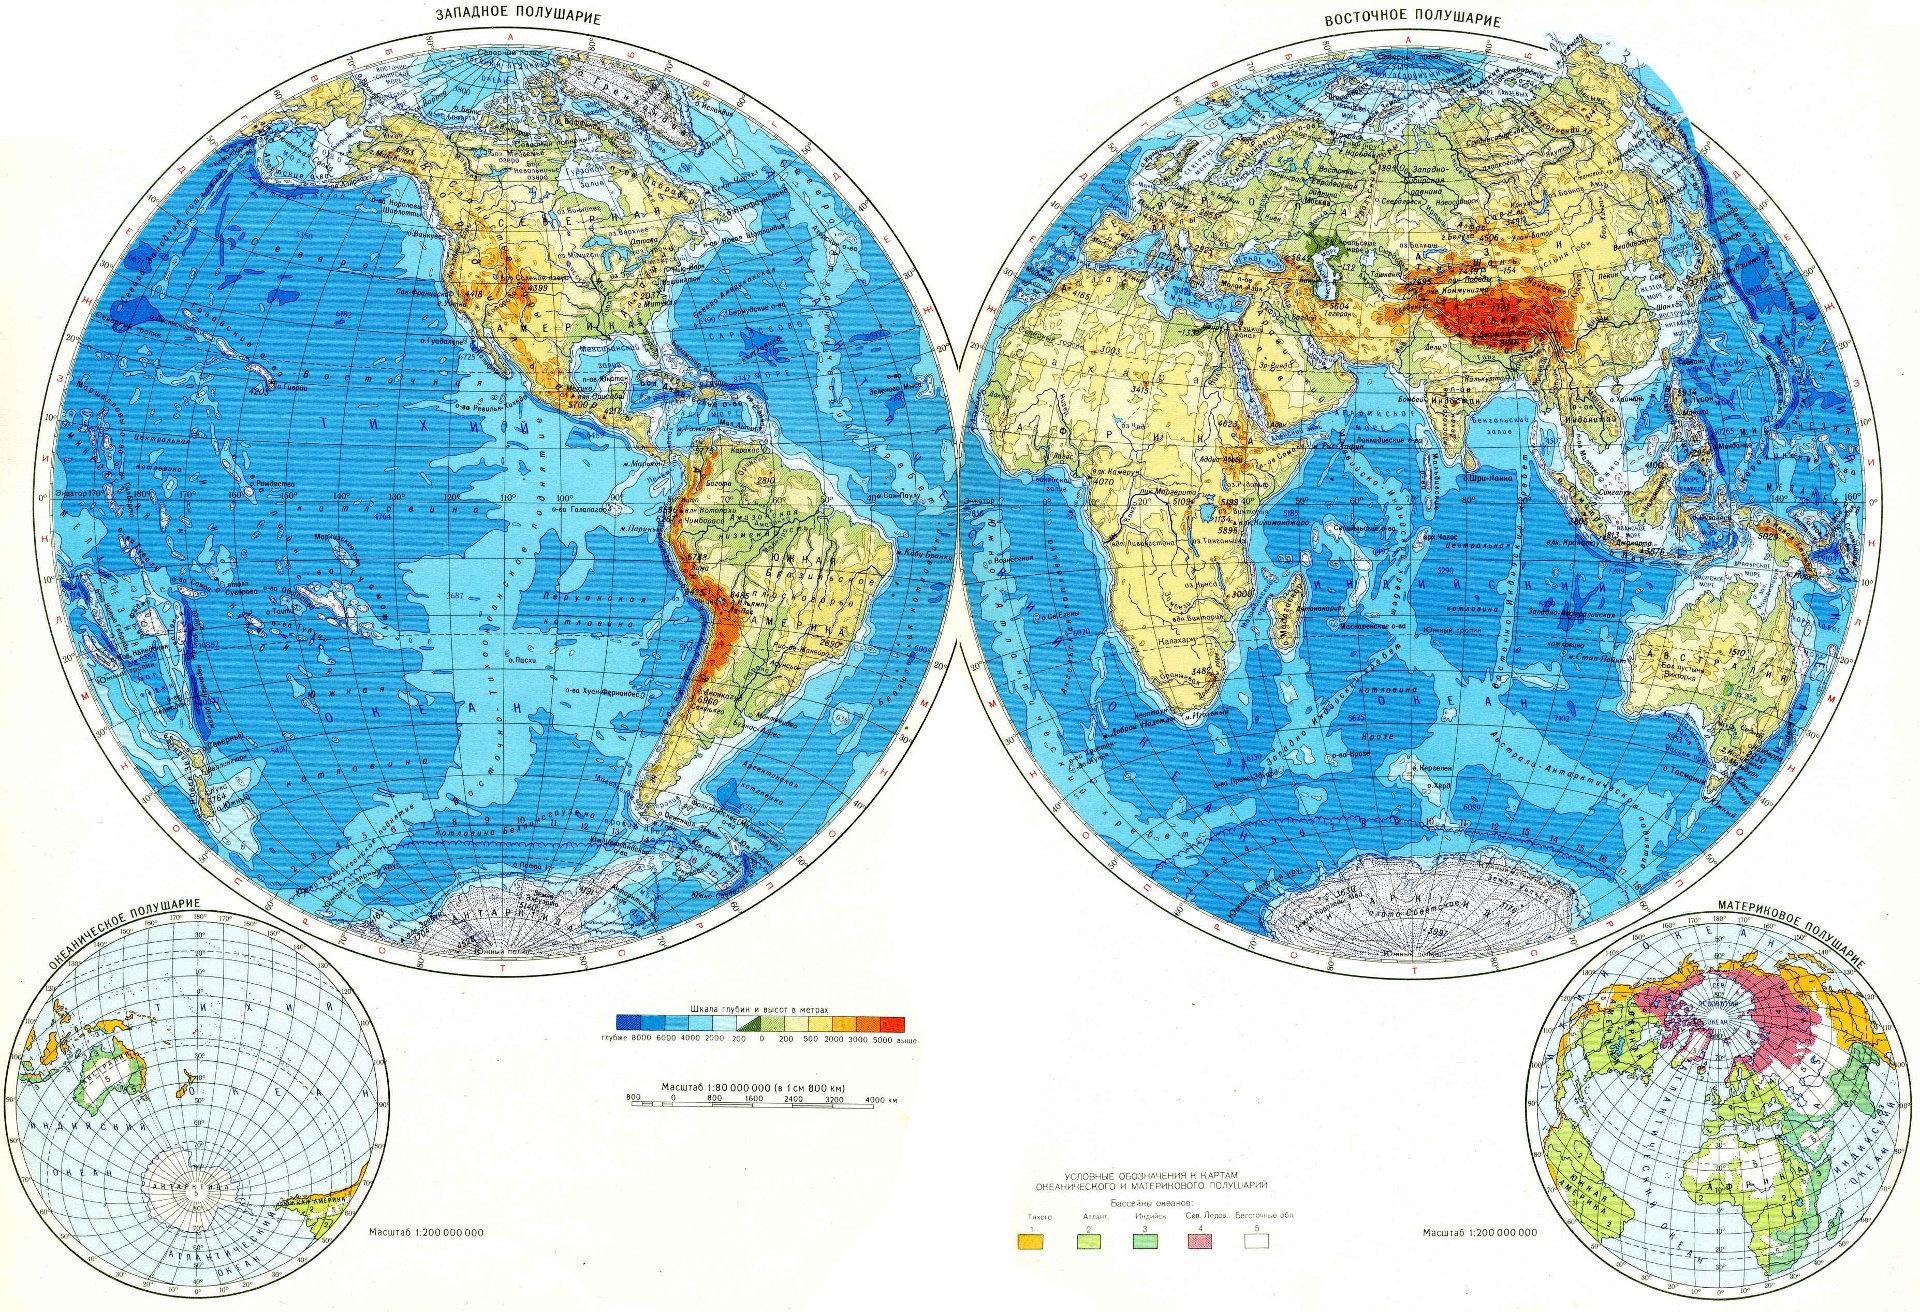 national geographic на русском языке смотреть онлайн